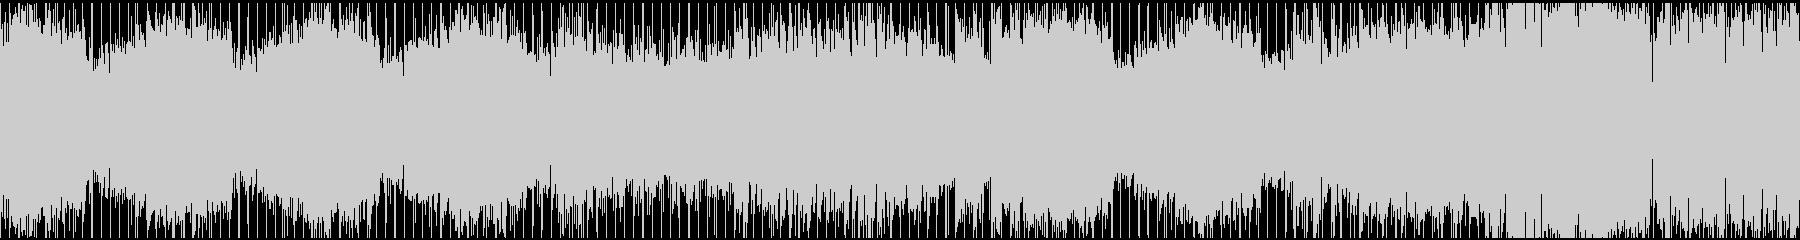 ノリの良いダンスロックチューン(ループ)の未再生の波形